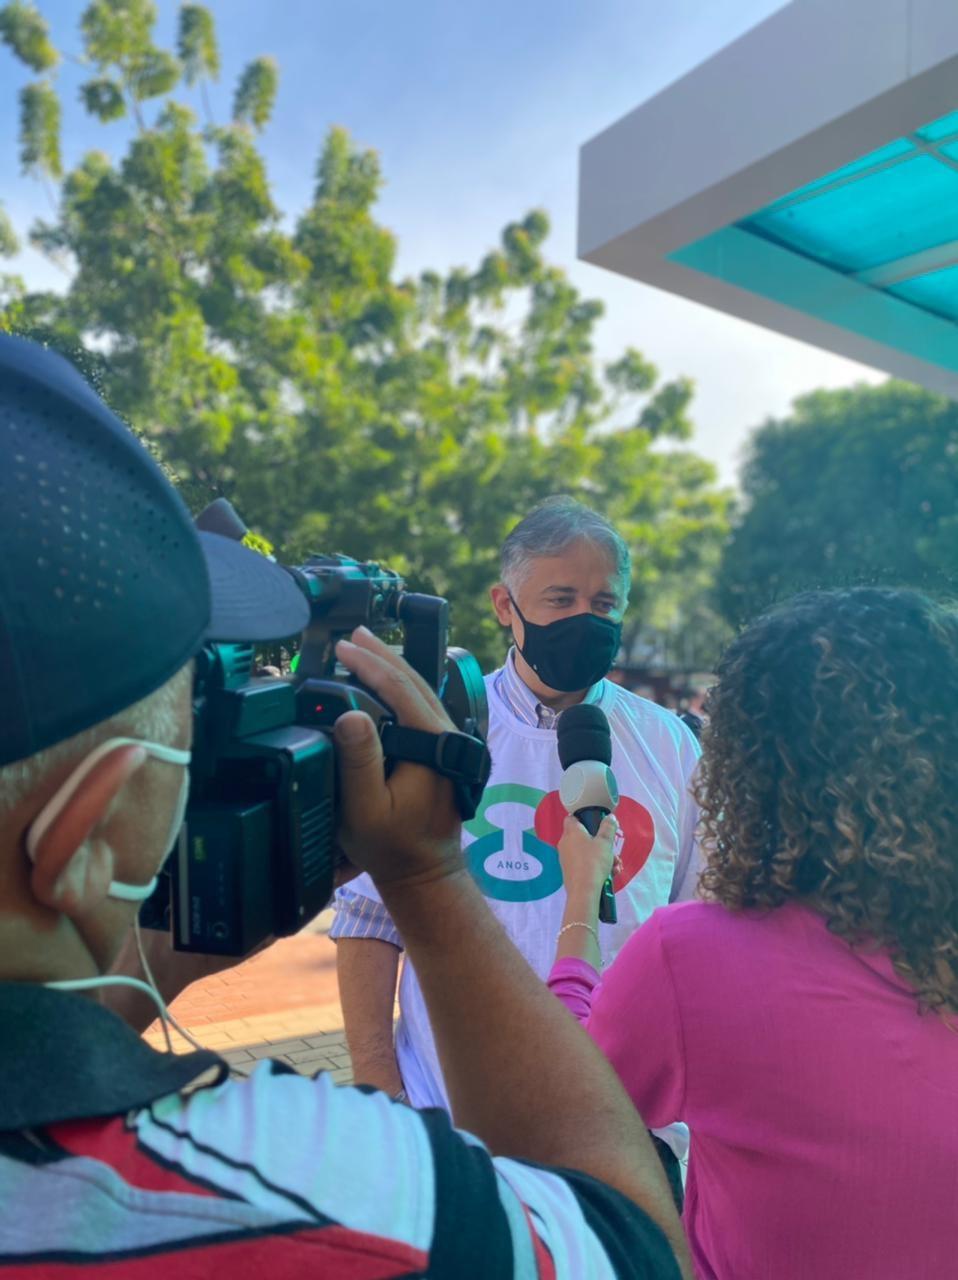 Ítalo Rodrigues, presidente da Fepiserh, celebra o início das cirurgias cardíacas no HGV, presvista para este mêsÍtalo Rodrigues, presidente da Fepiserh, celebra o início das cirurgias cardíacas no HGV, presvista para este mês